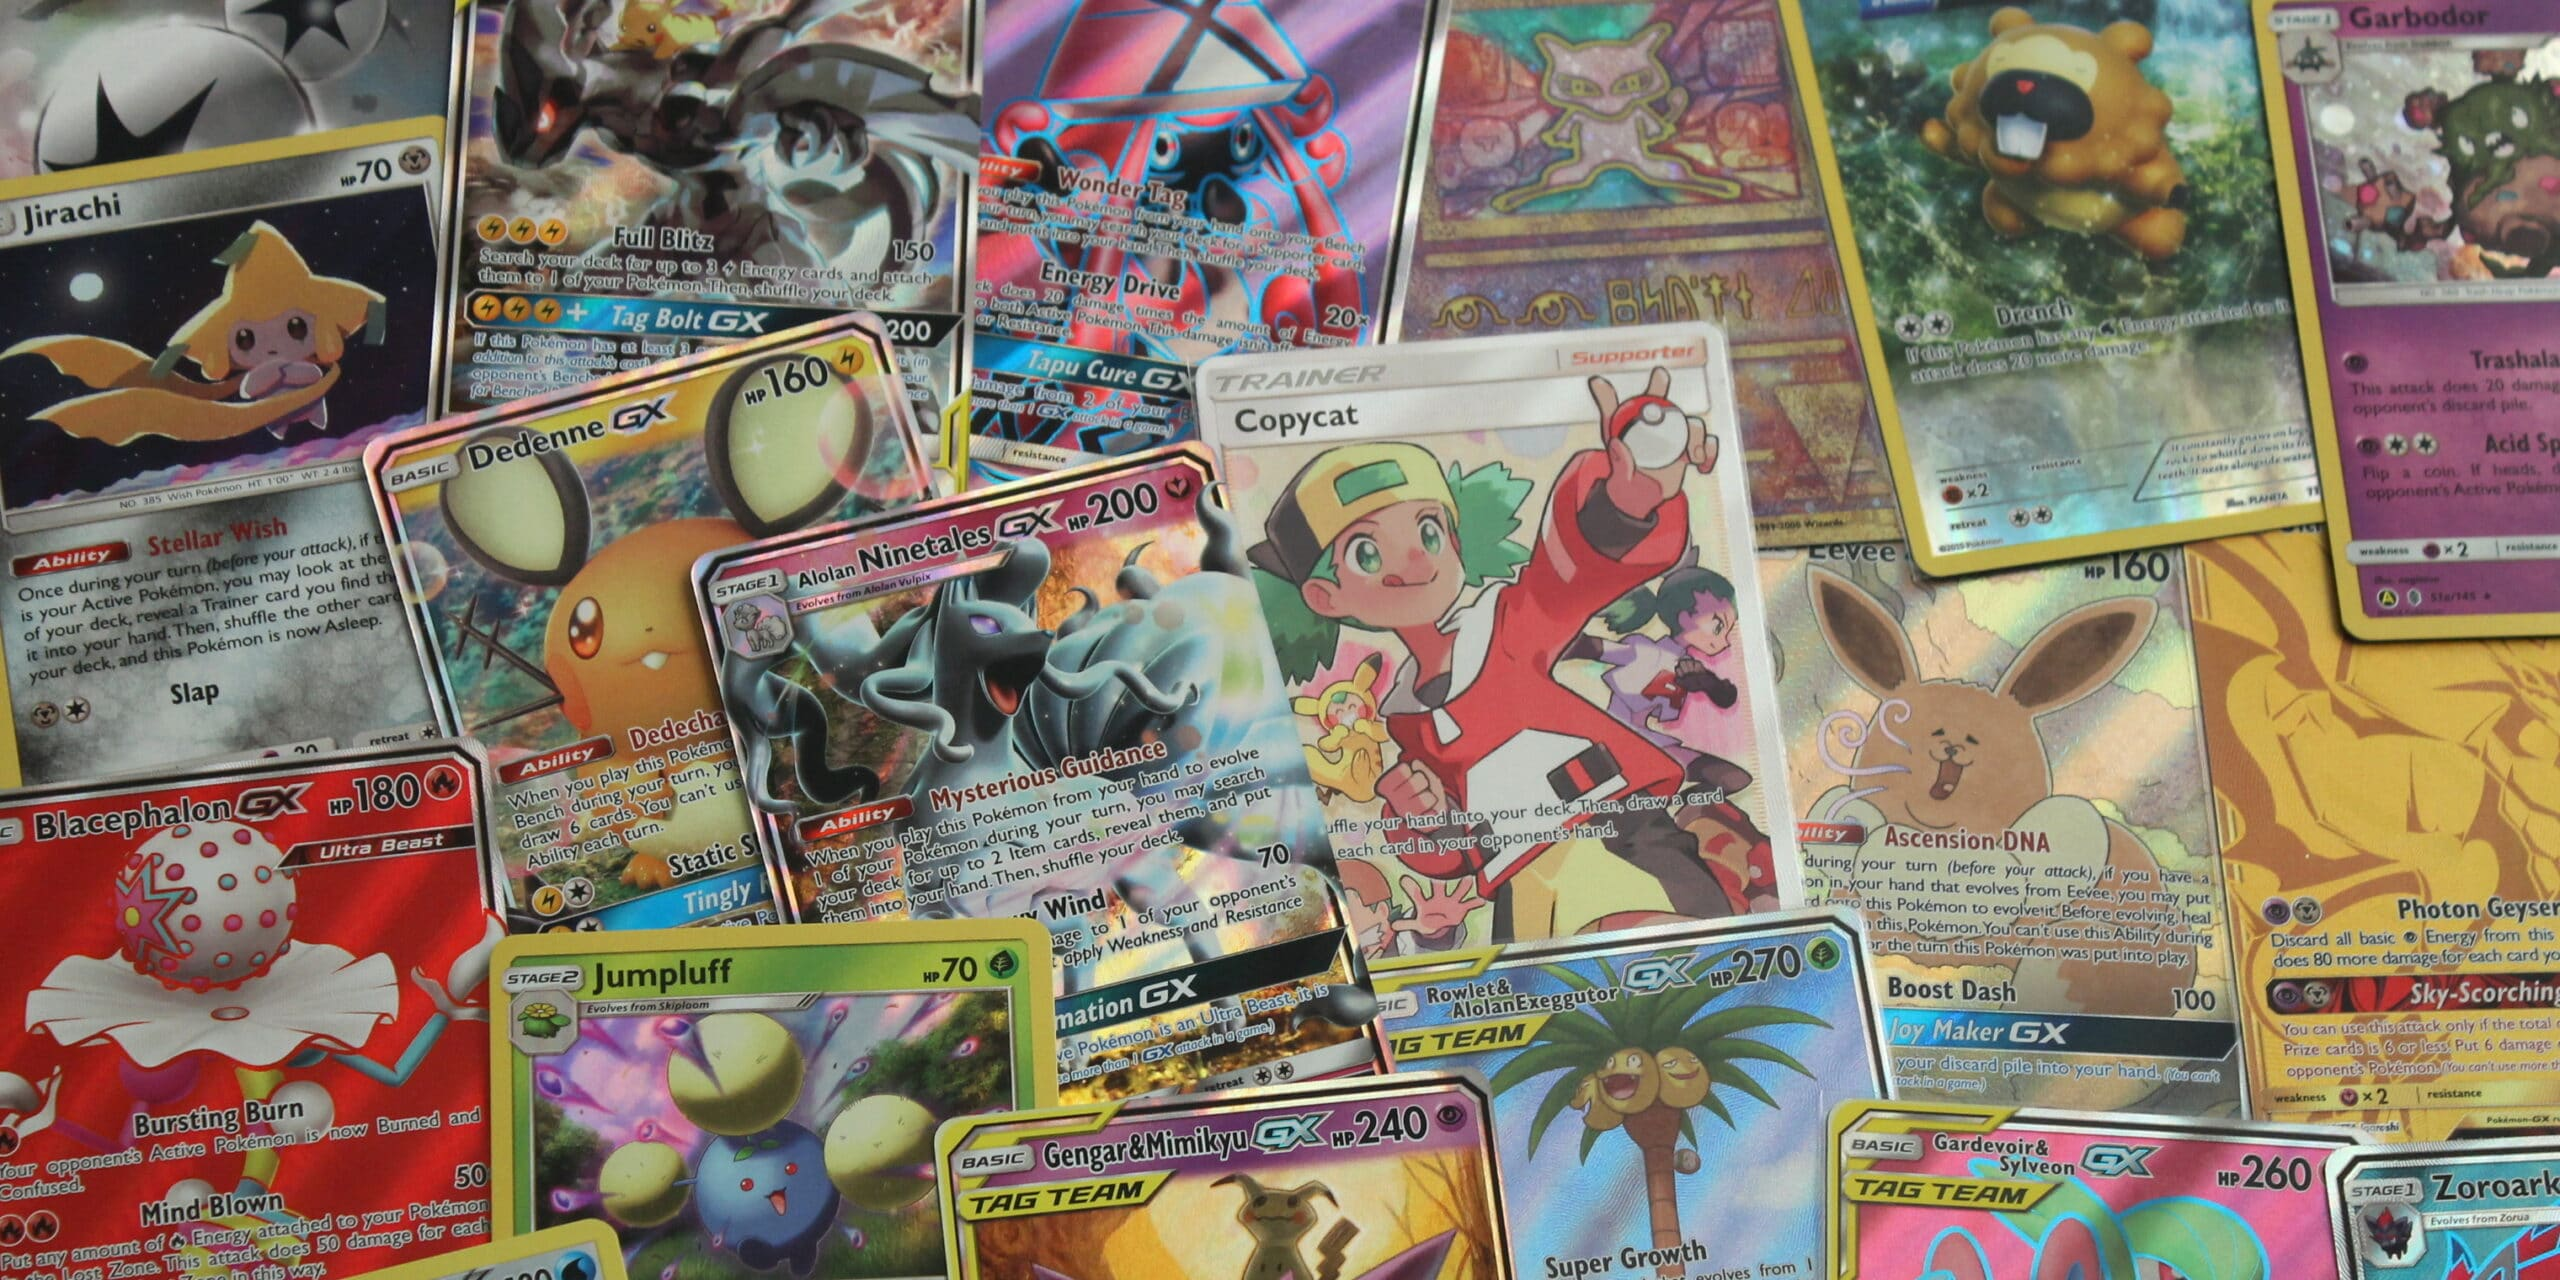 an array of Pokémon cards